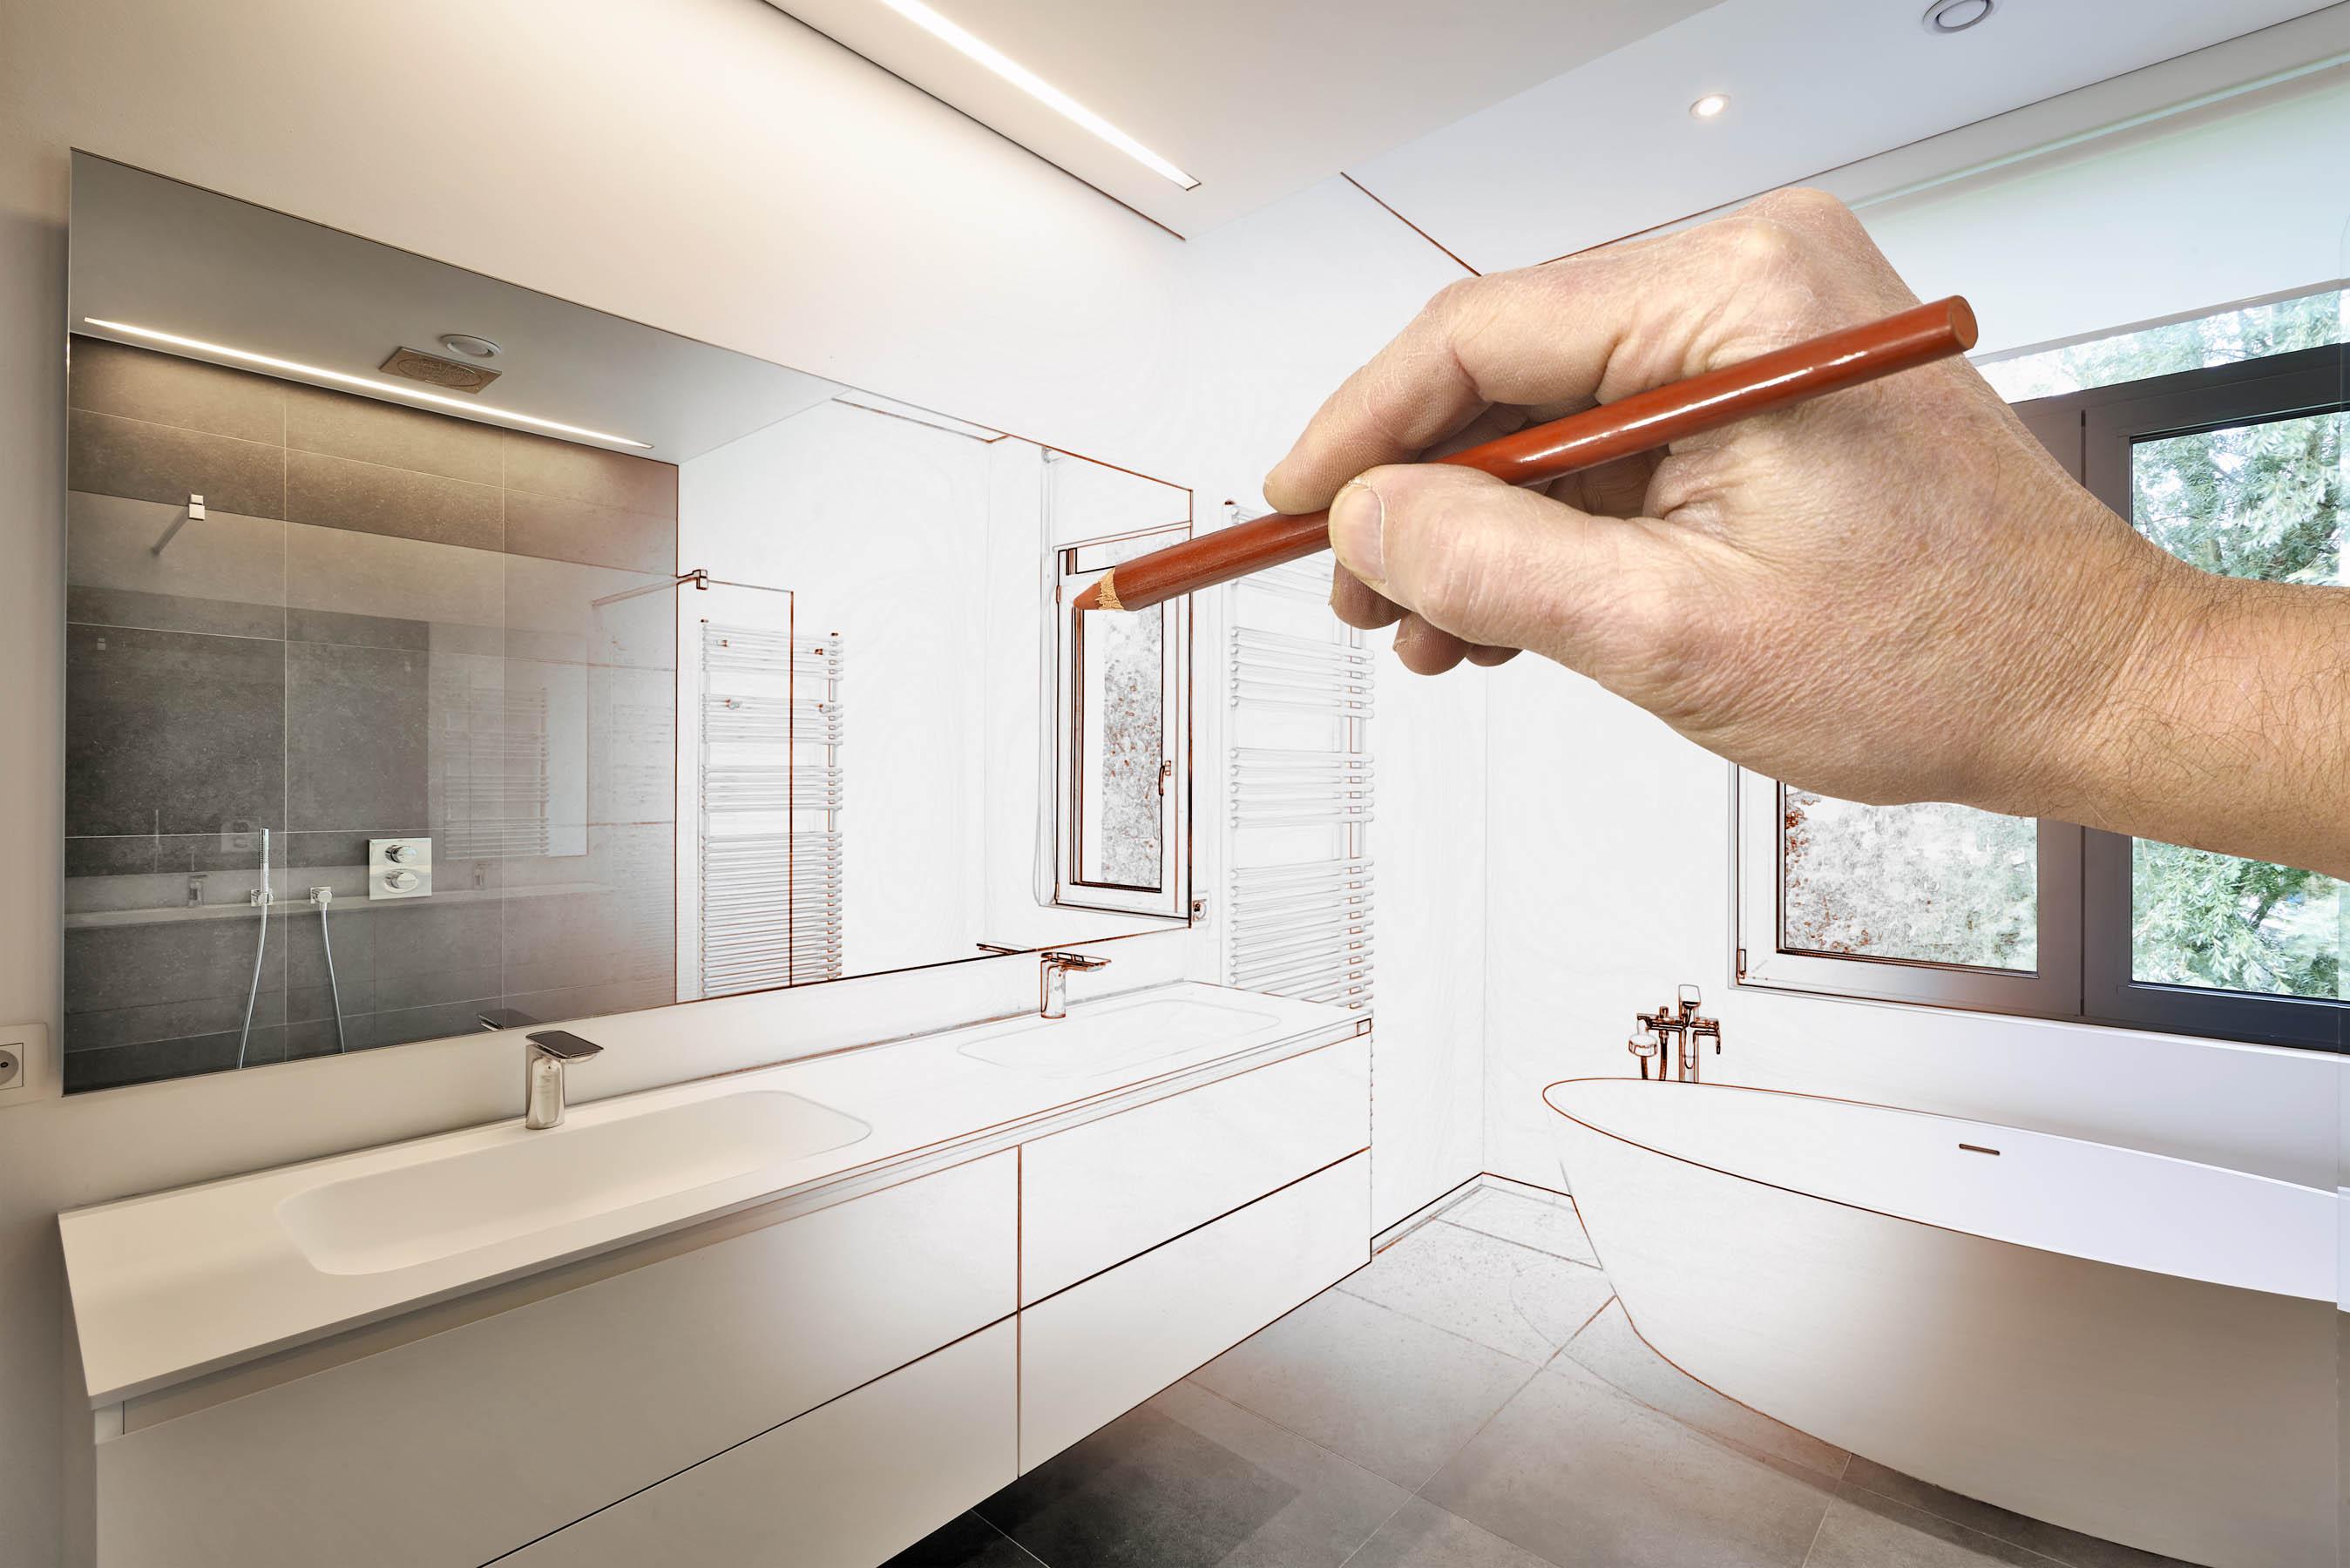 3d Bathroom Remodeling – SOLIDWORKS REMODELING